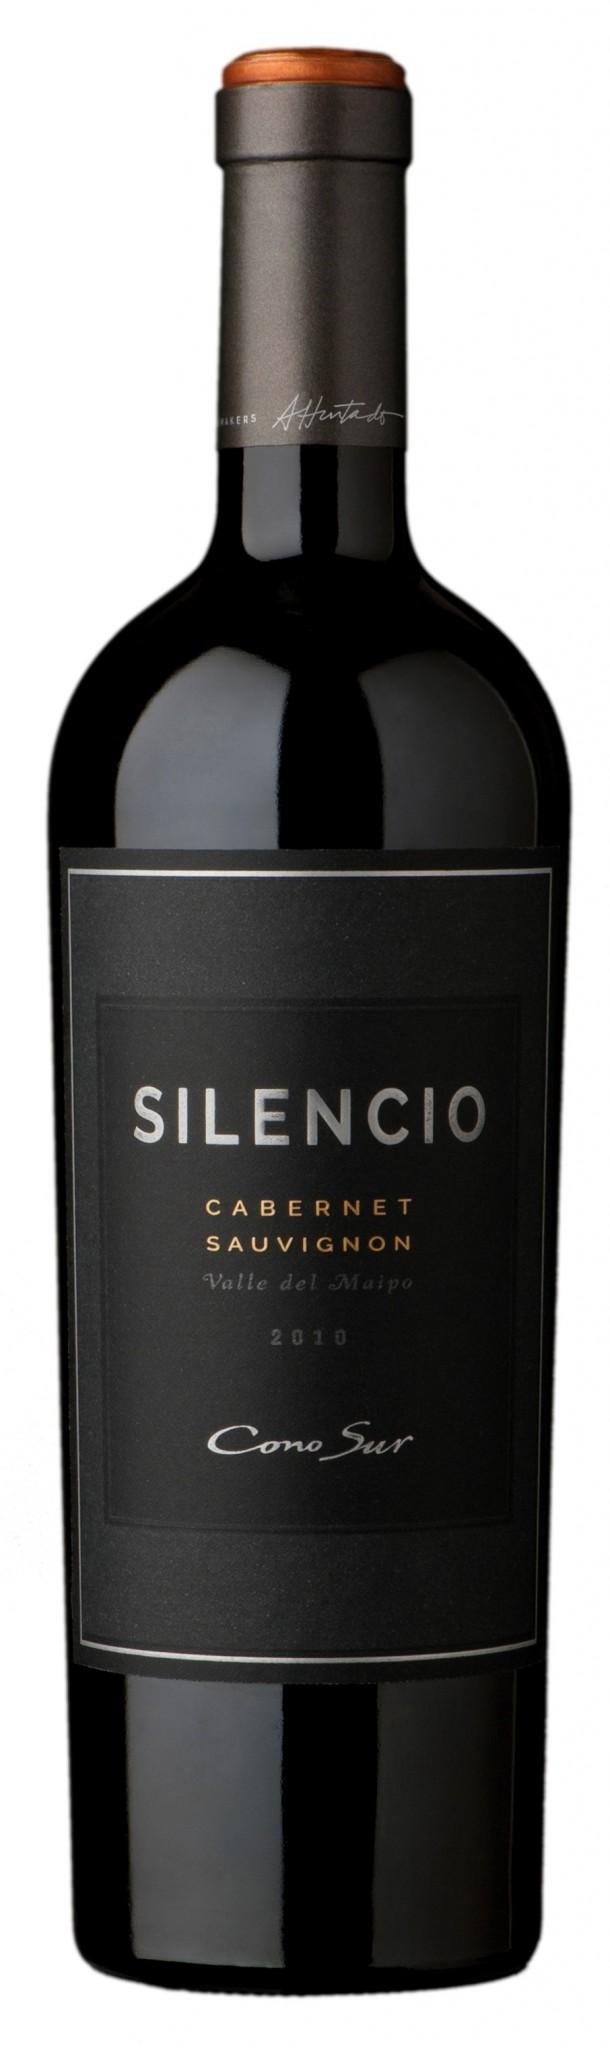 """Viña Cono Sur lanza en Chile su vino ícono Cabernet Sauvignon """"Silencio"""""""